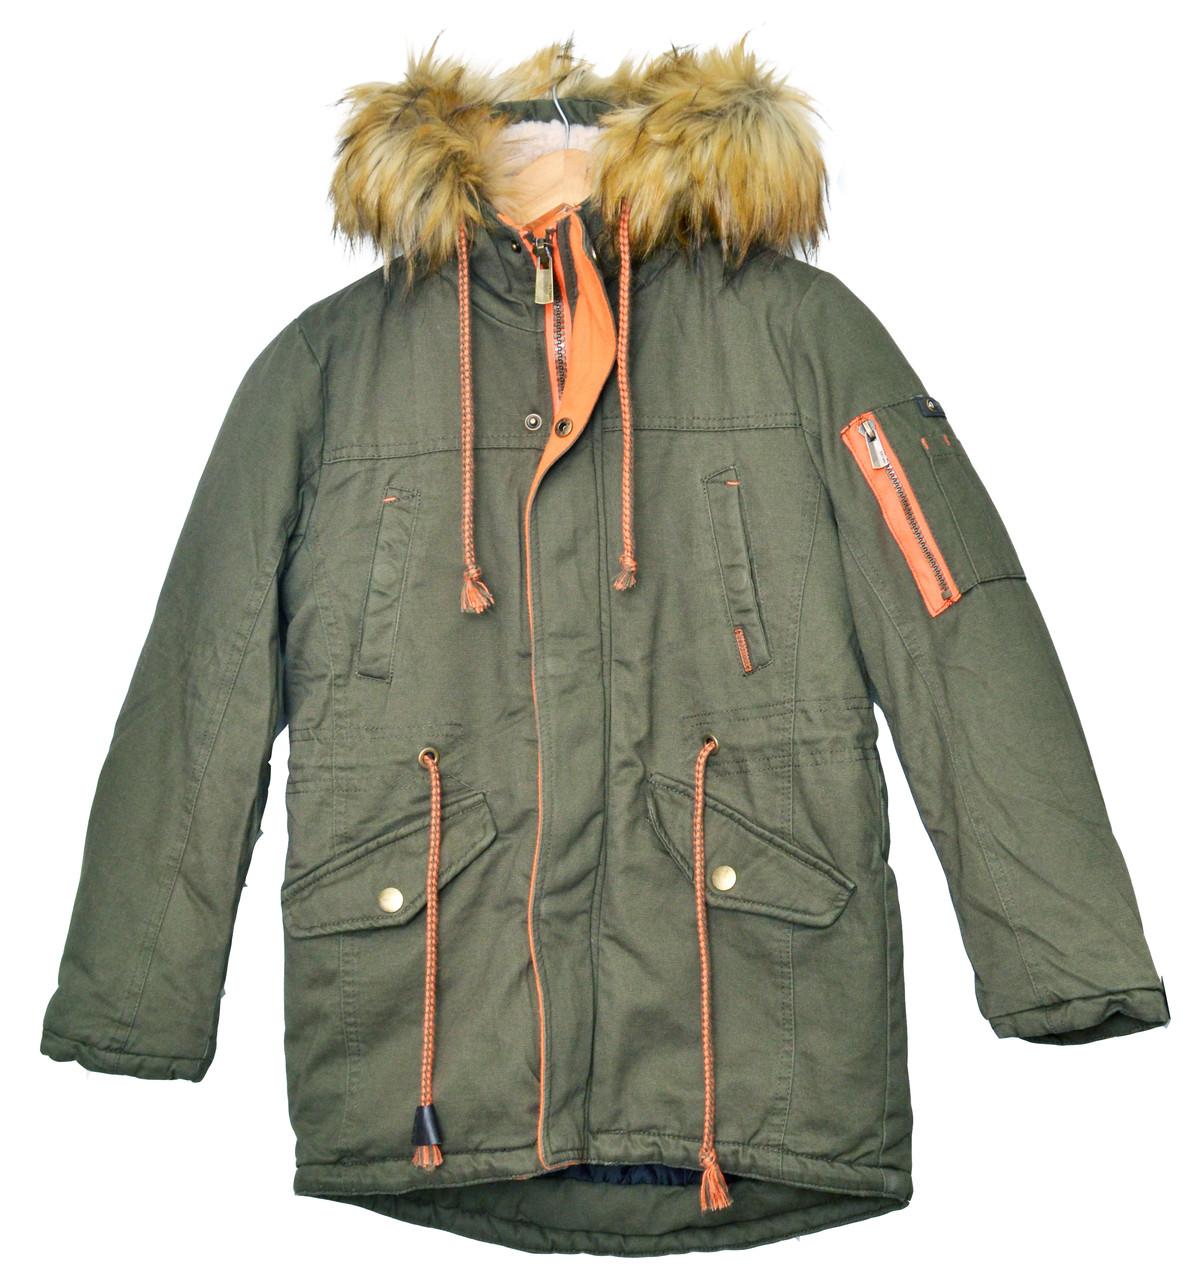 Зимняя куртка для мальчика подростка, Парка